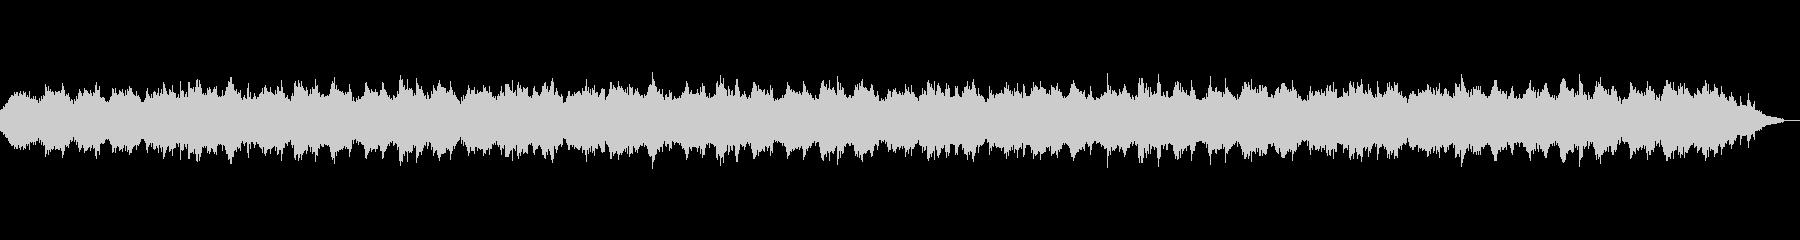 ヒーリング ディープ2の未再生の波形